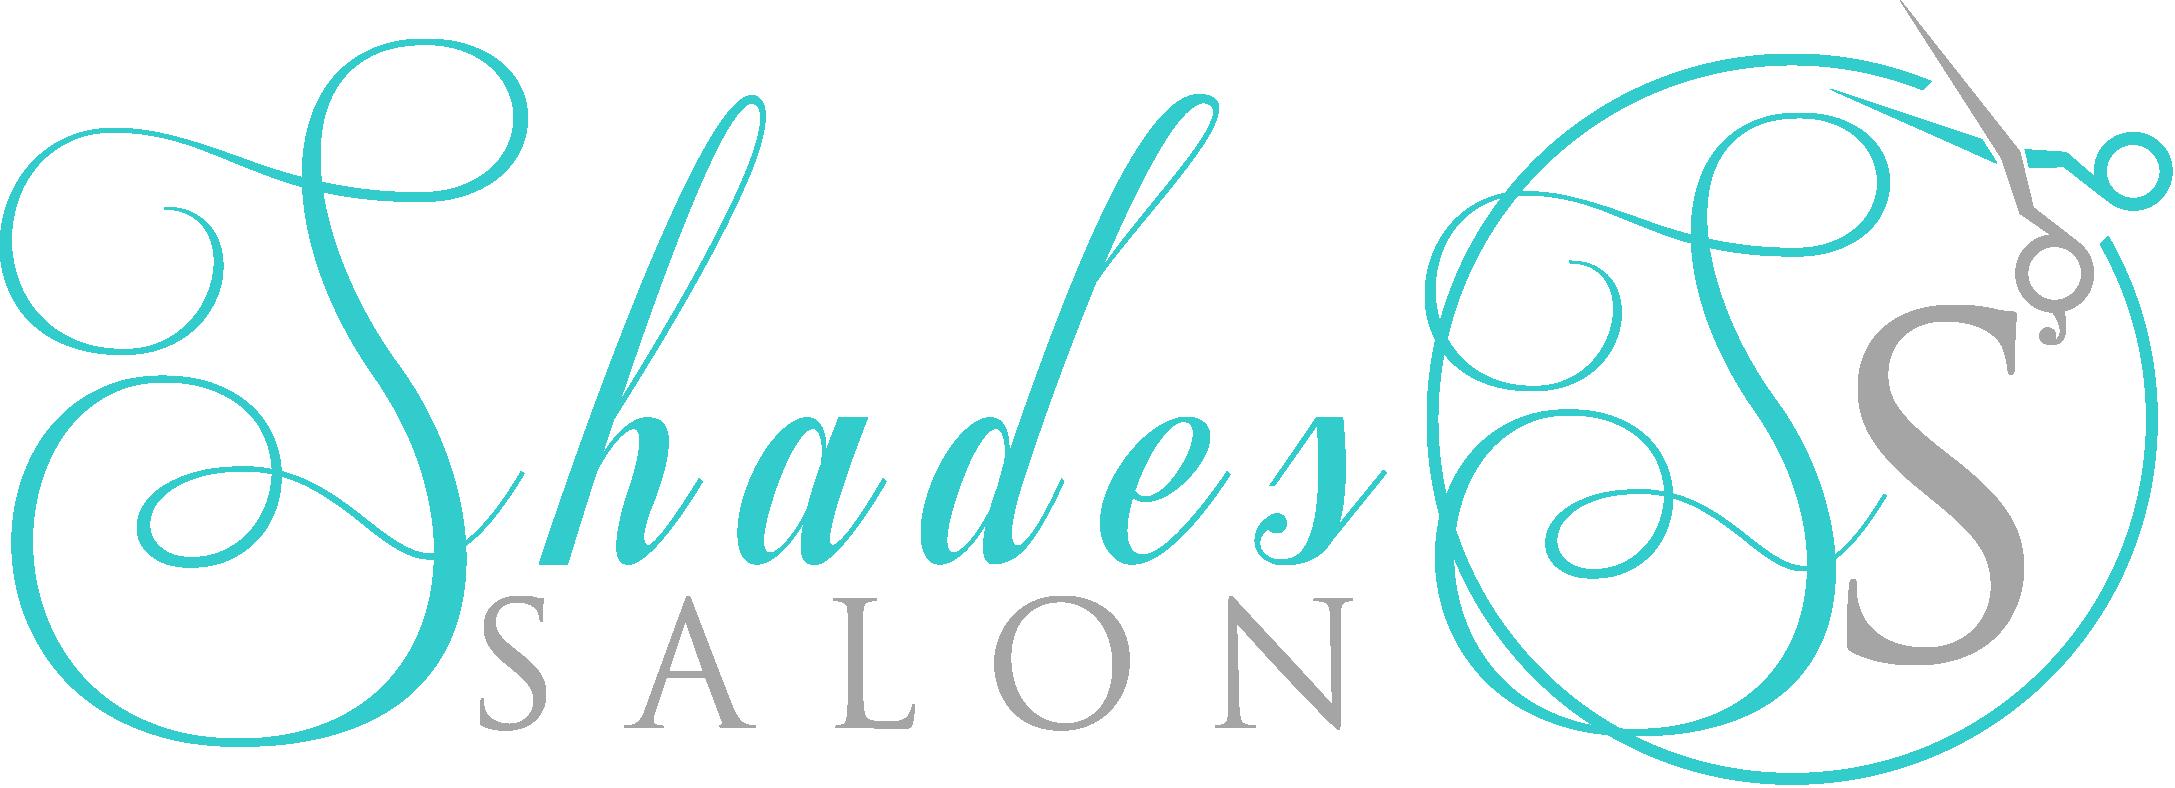 Shades Salon - Logo 2